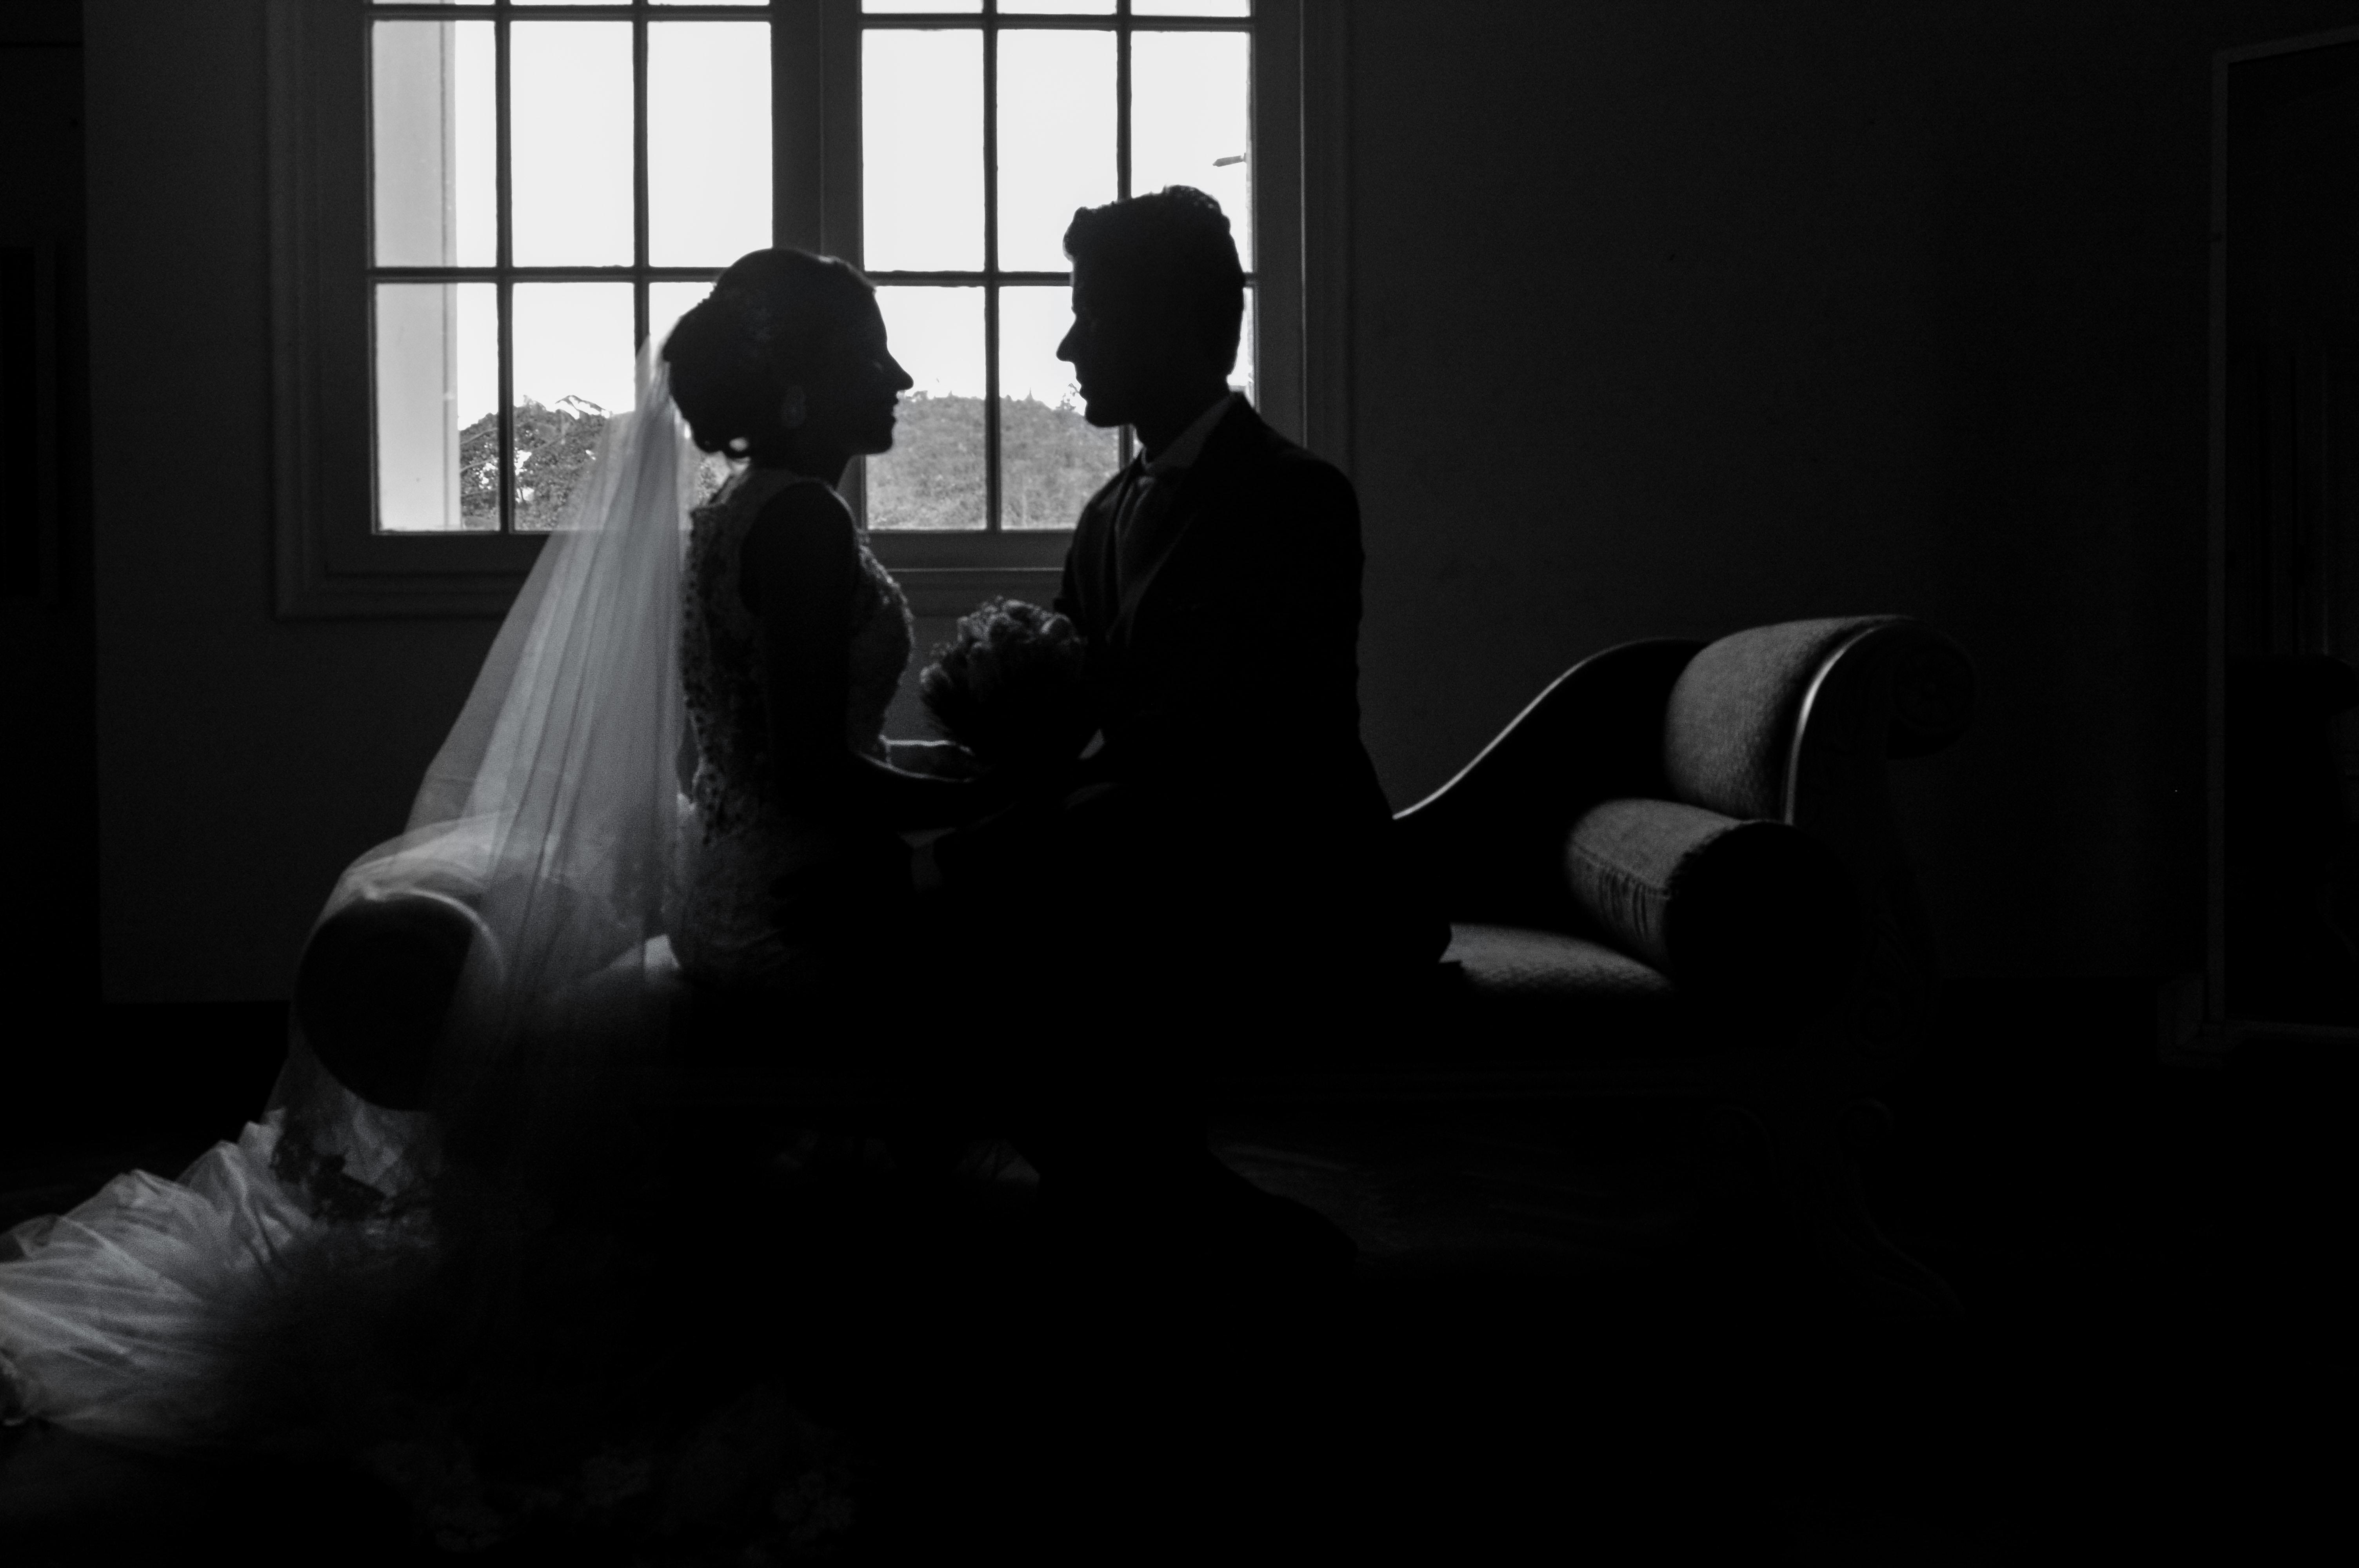 fotografia-boda-contraluz